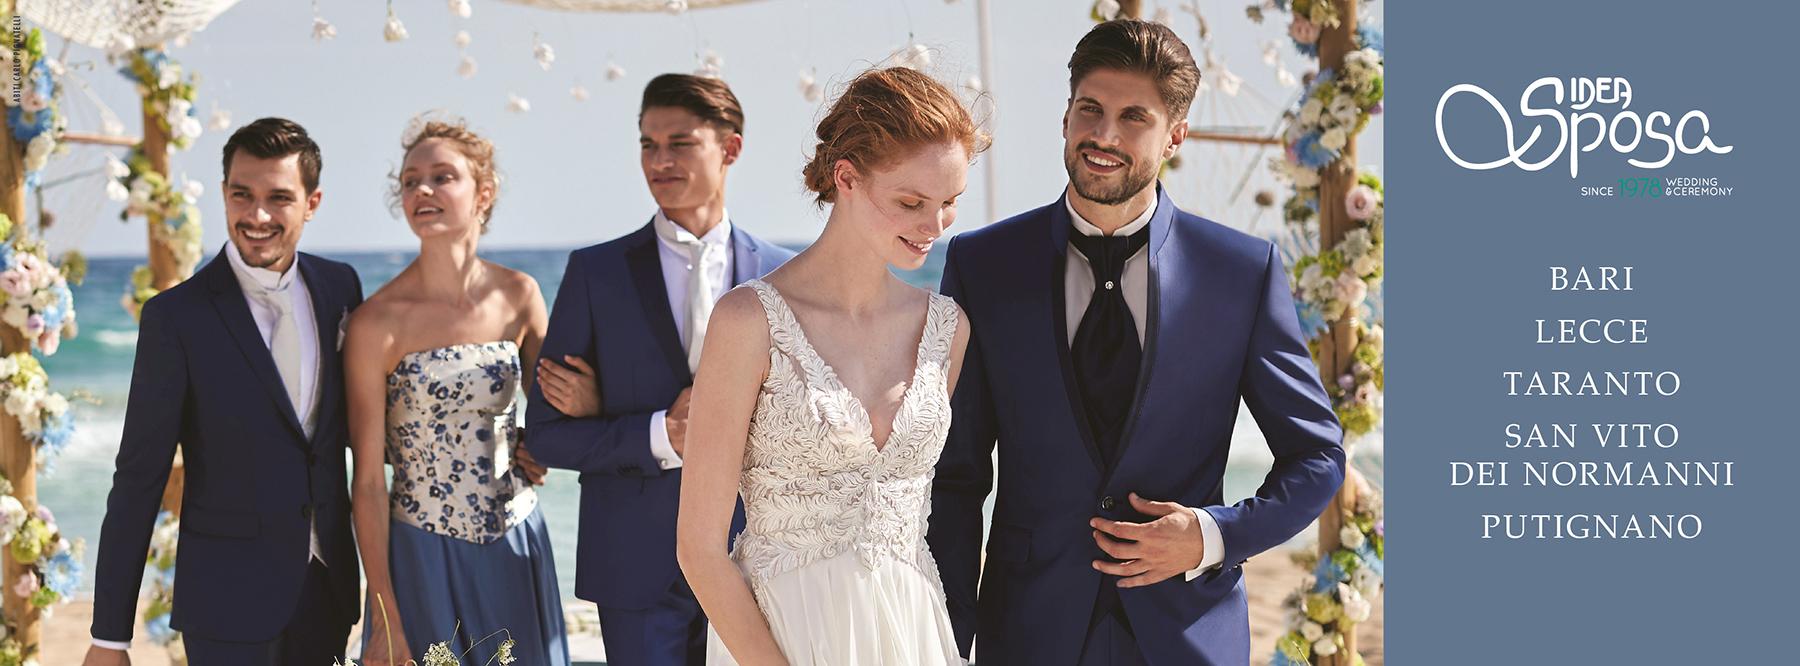 cover-abiti-da-sposa-2019